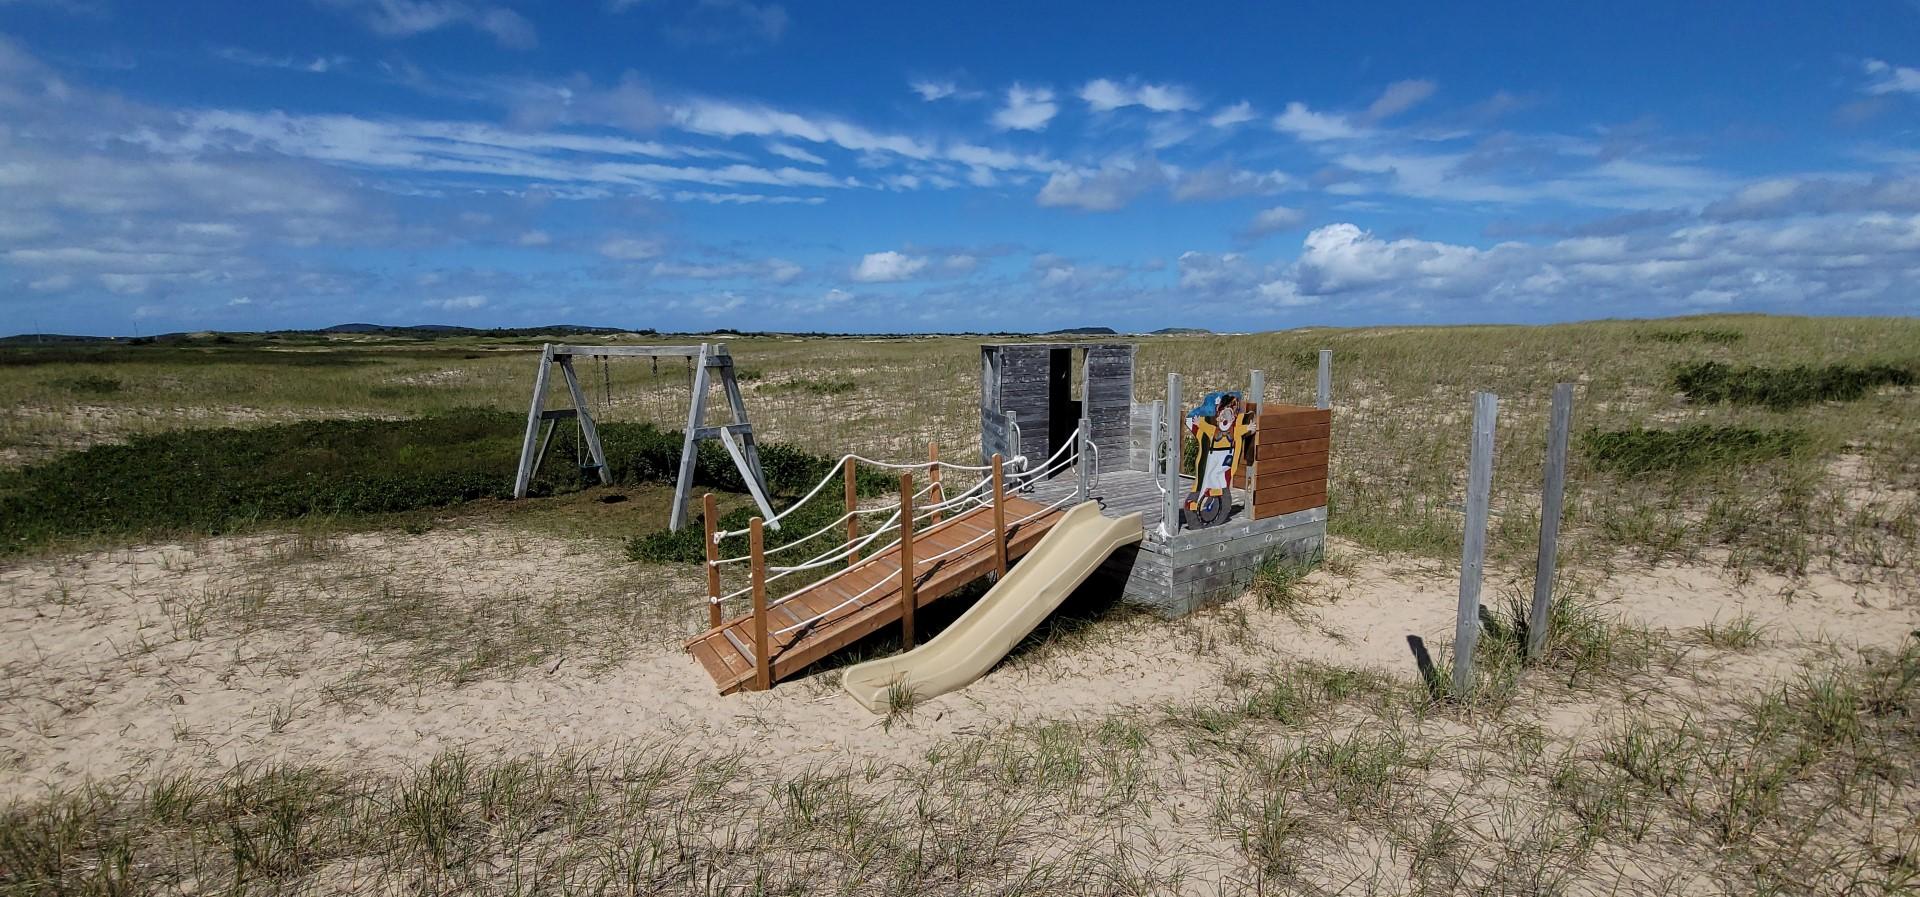 Playground at Grande Échouerie Beach